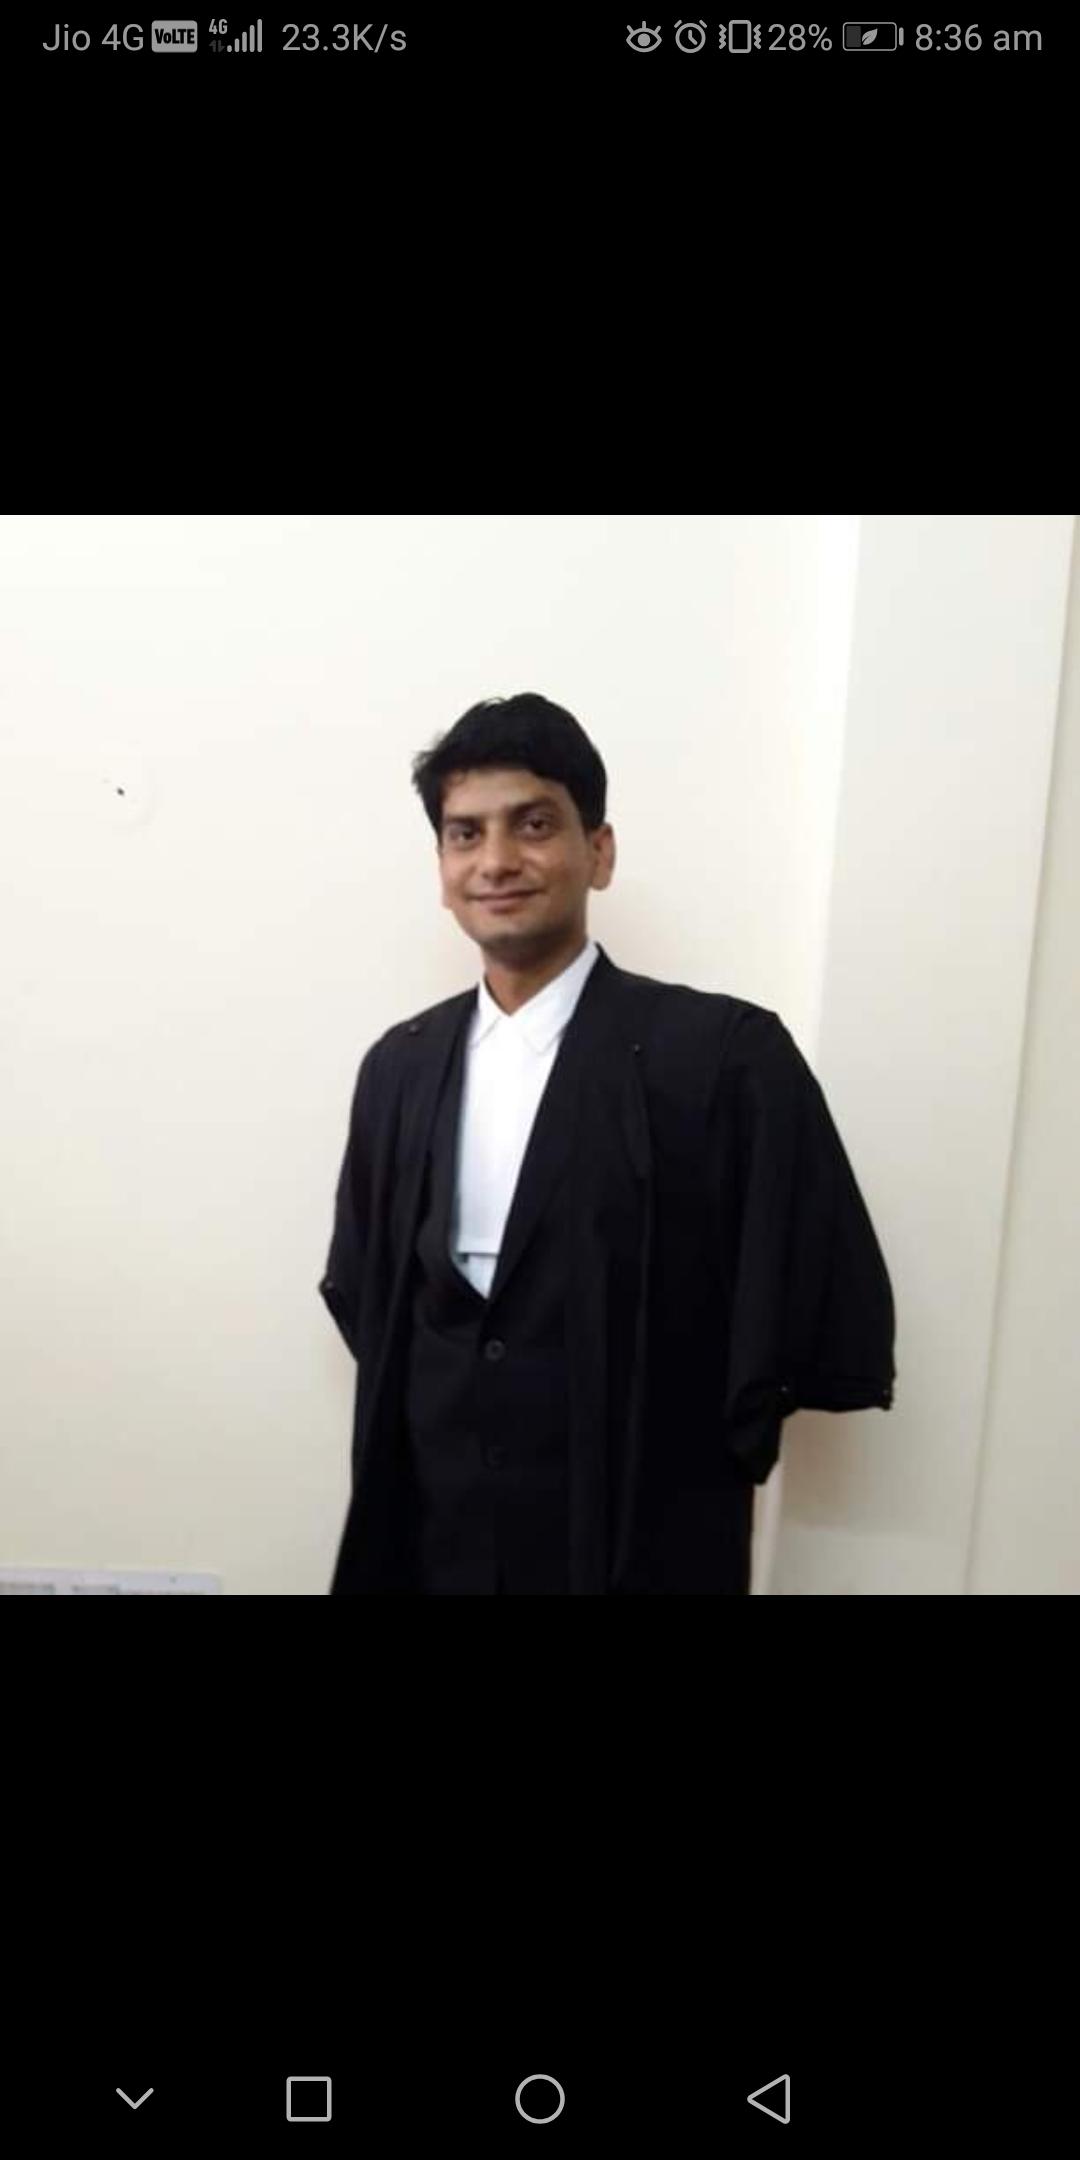 Purushotam Kumar Kaushik